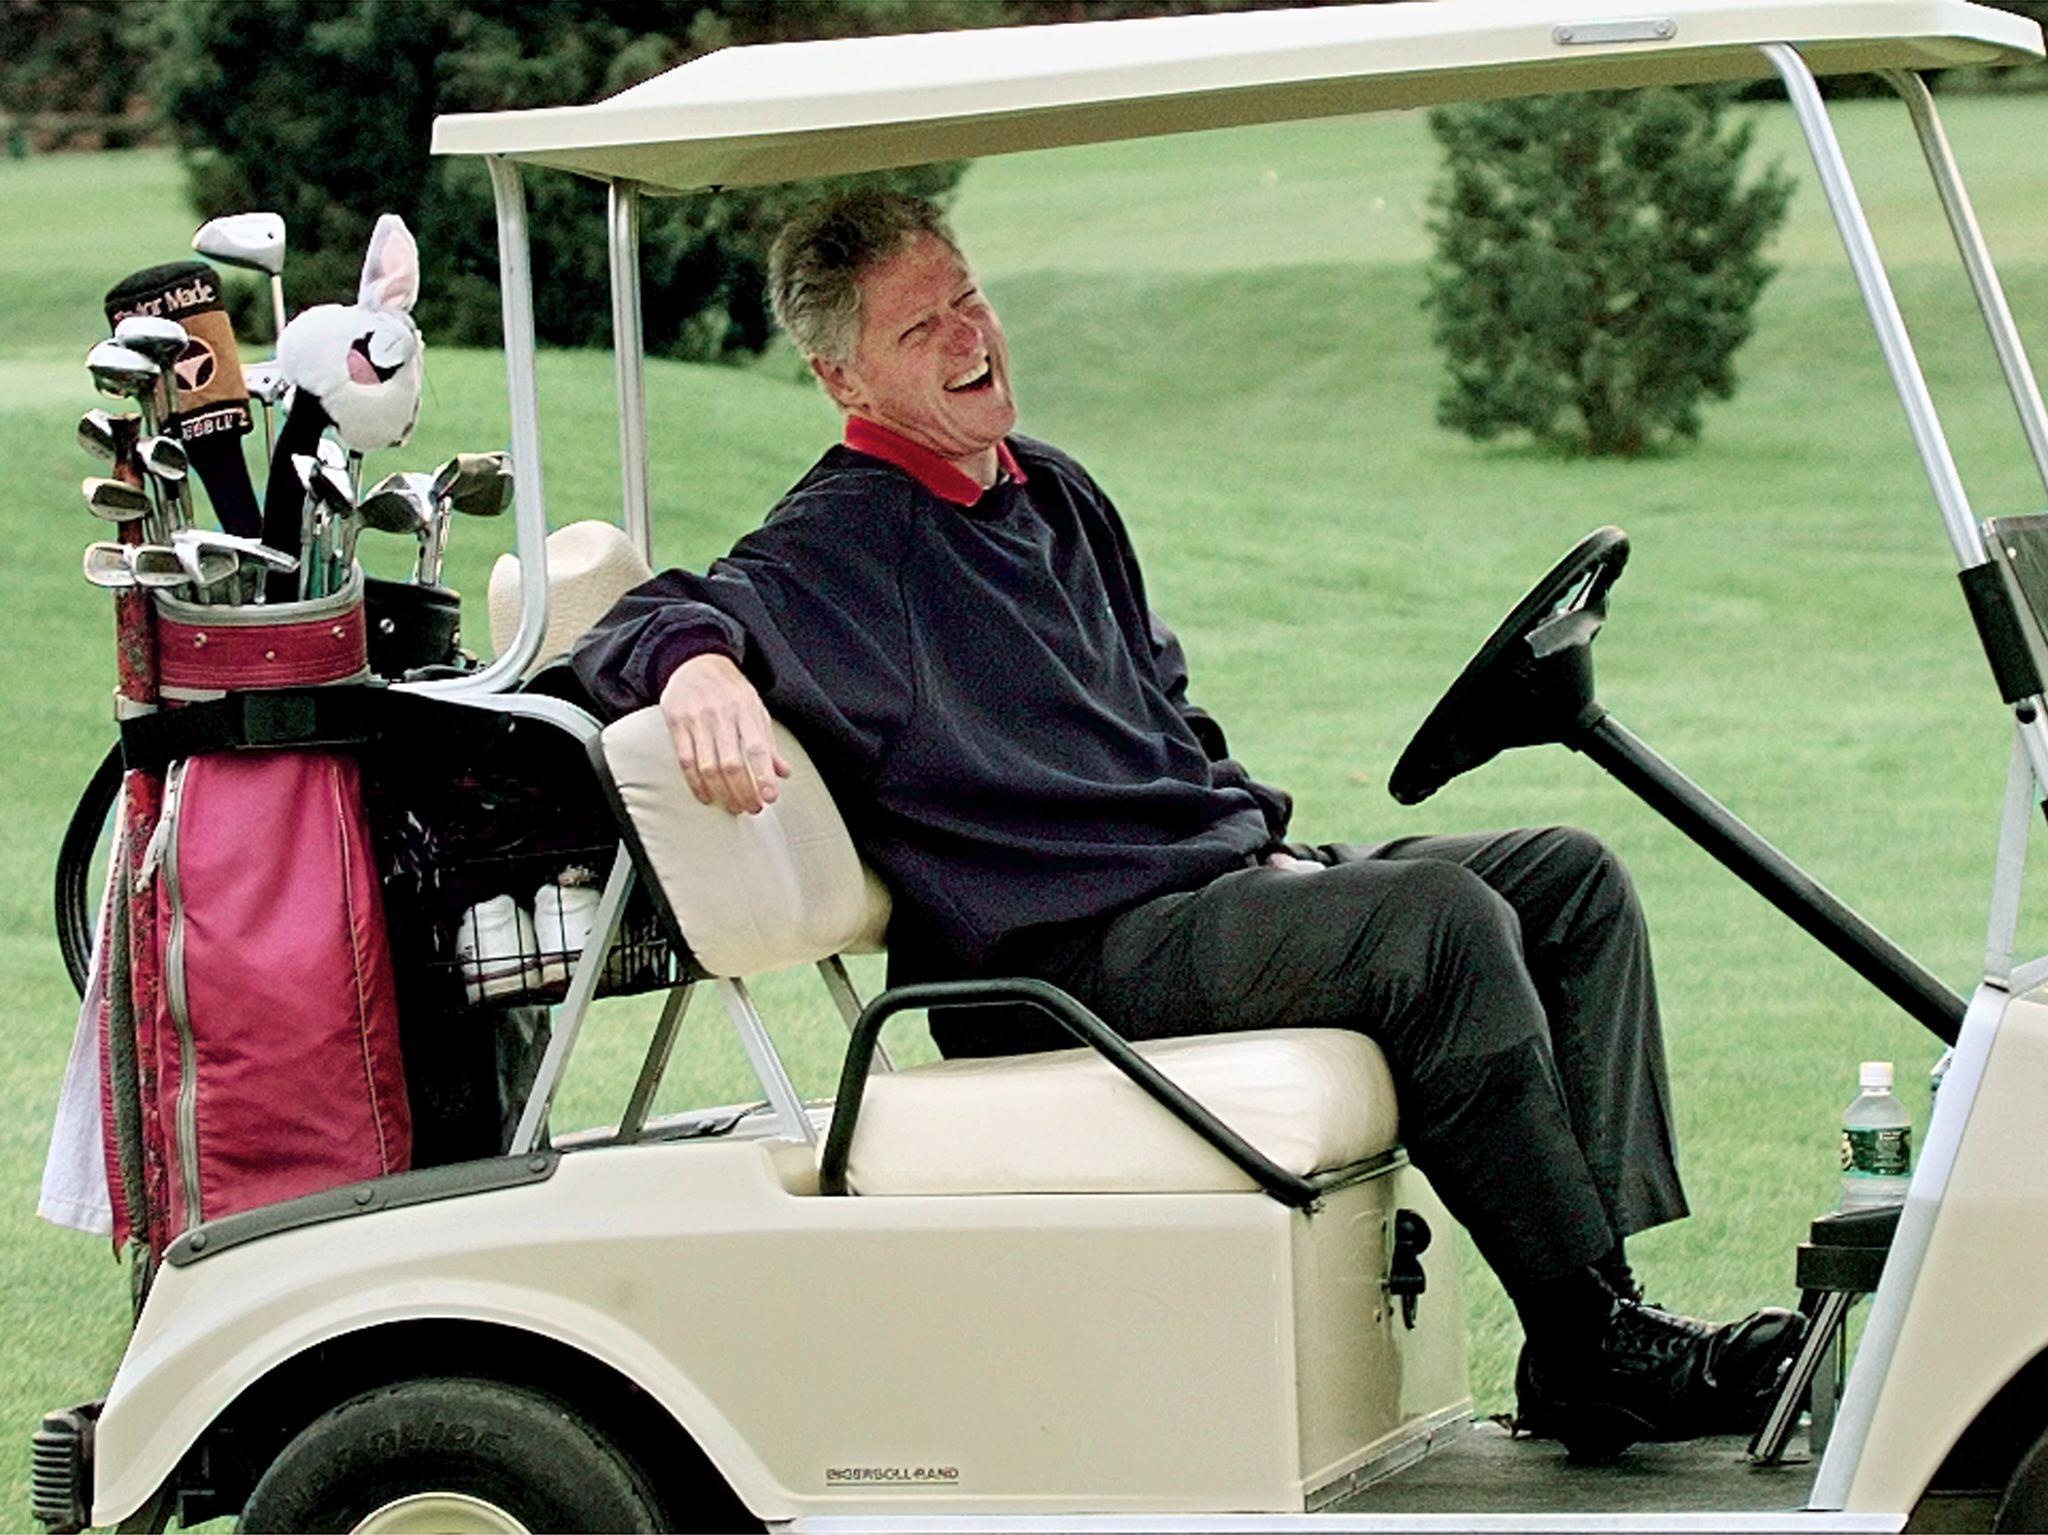 US President Bill Clinton golfing